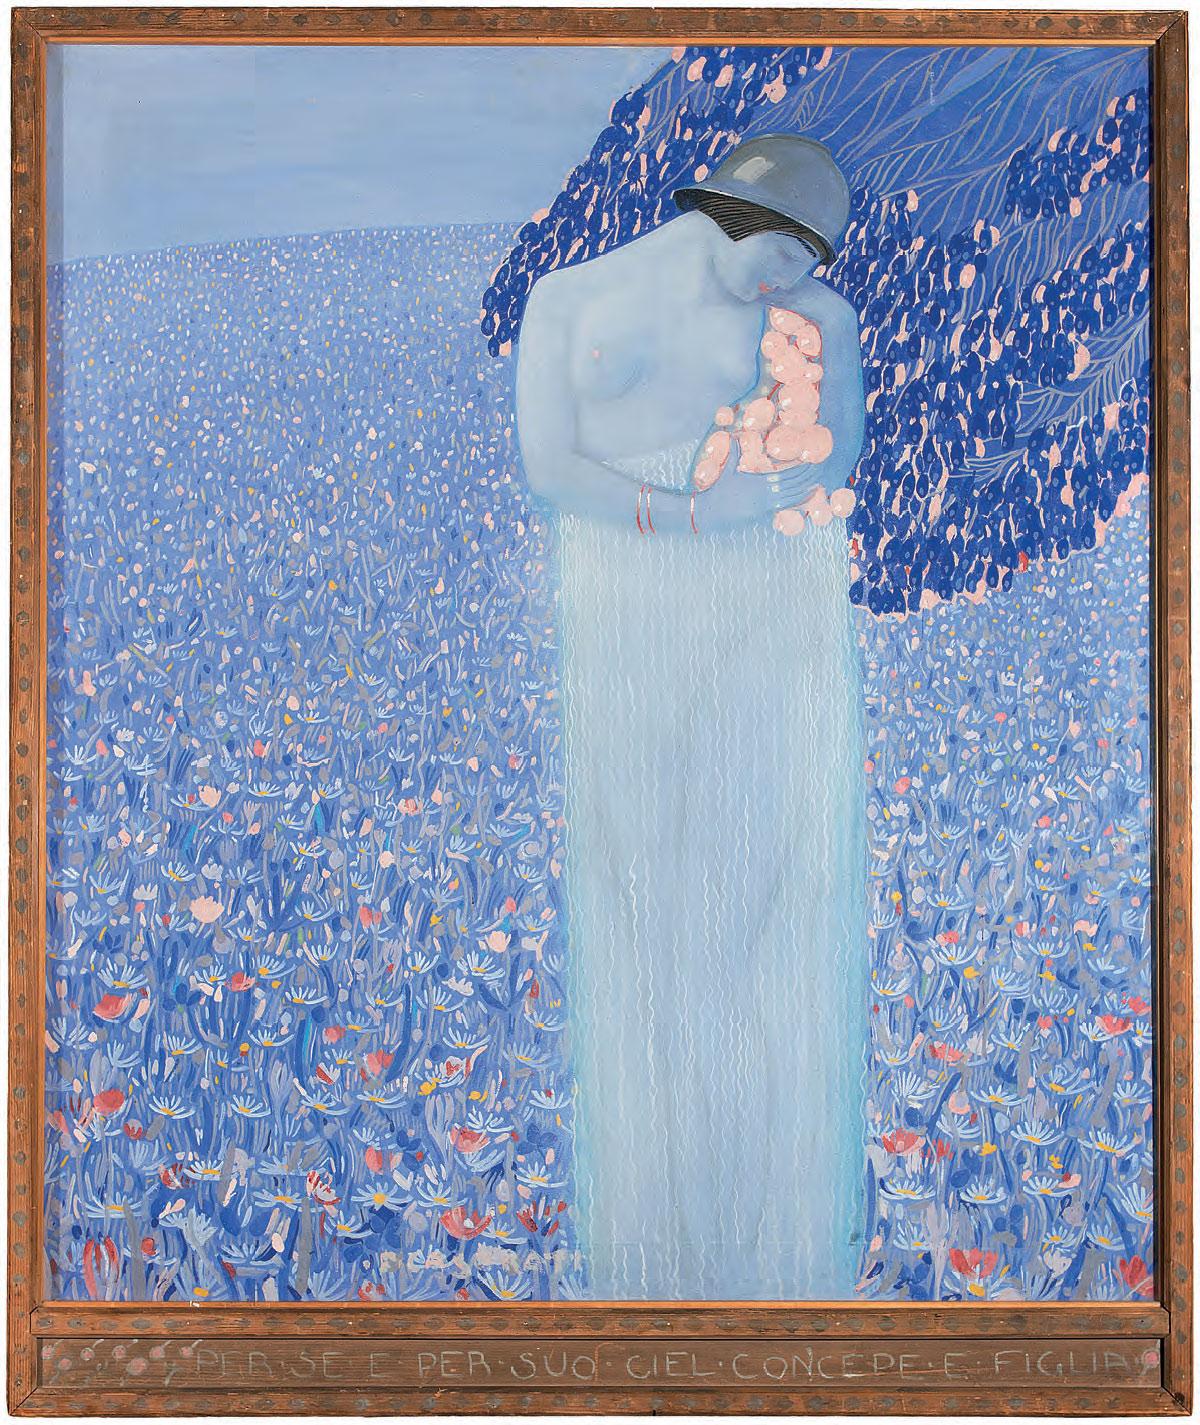 Felice Casorati, Fa come natura face in foco (Par., IV, 77) (1917; tempera su tela, 120 x 110 cm; Collezione privata, courtesy Galleria Narciso, Torino)